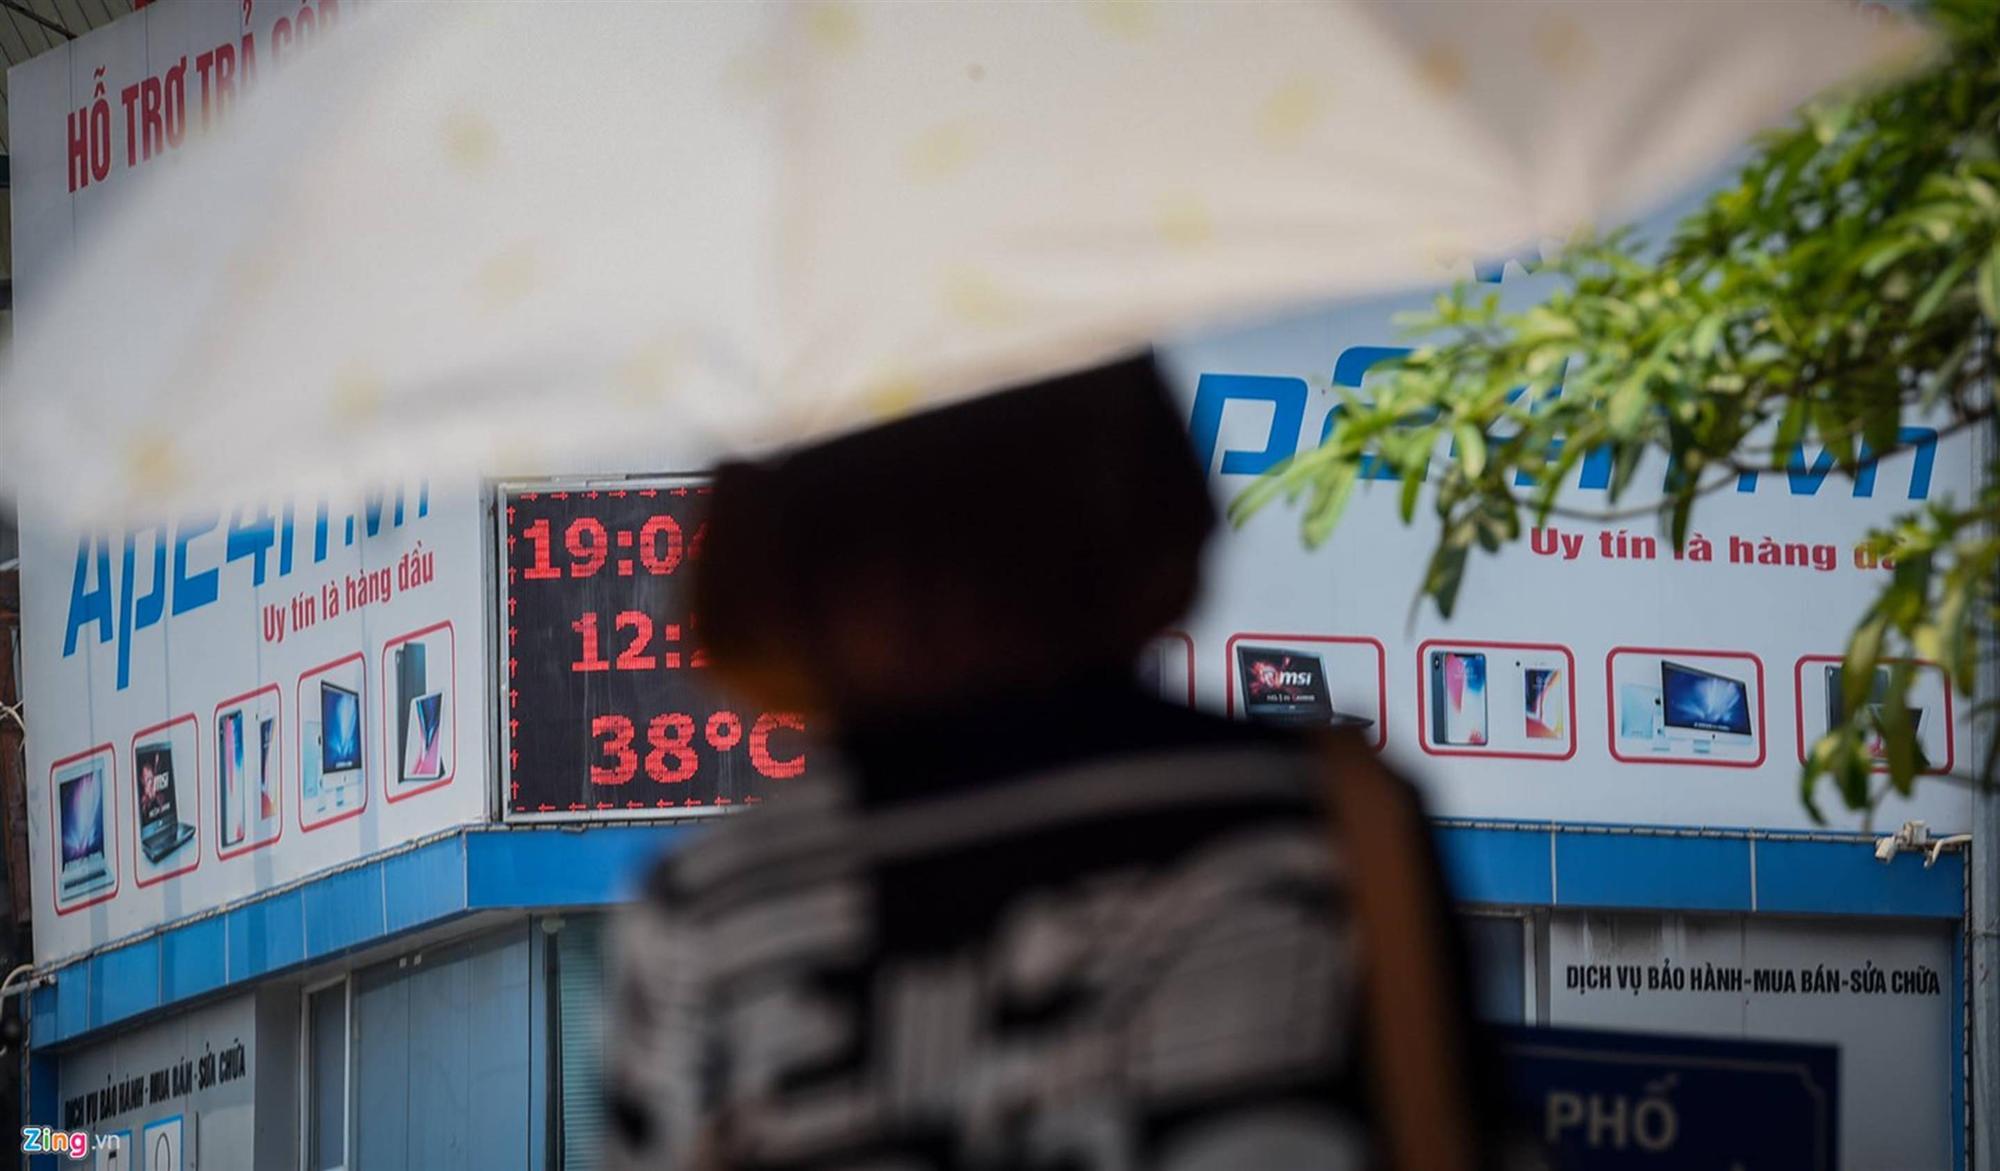 Mặt đường ở Hà Nội nóng hơn 50 độ C-1